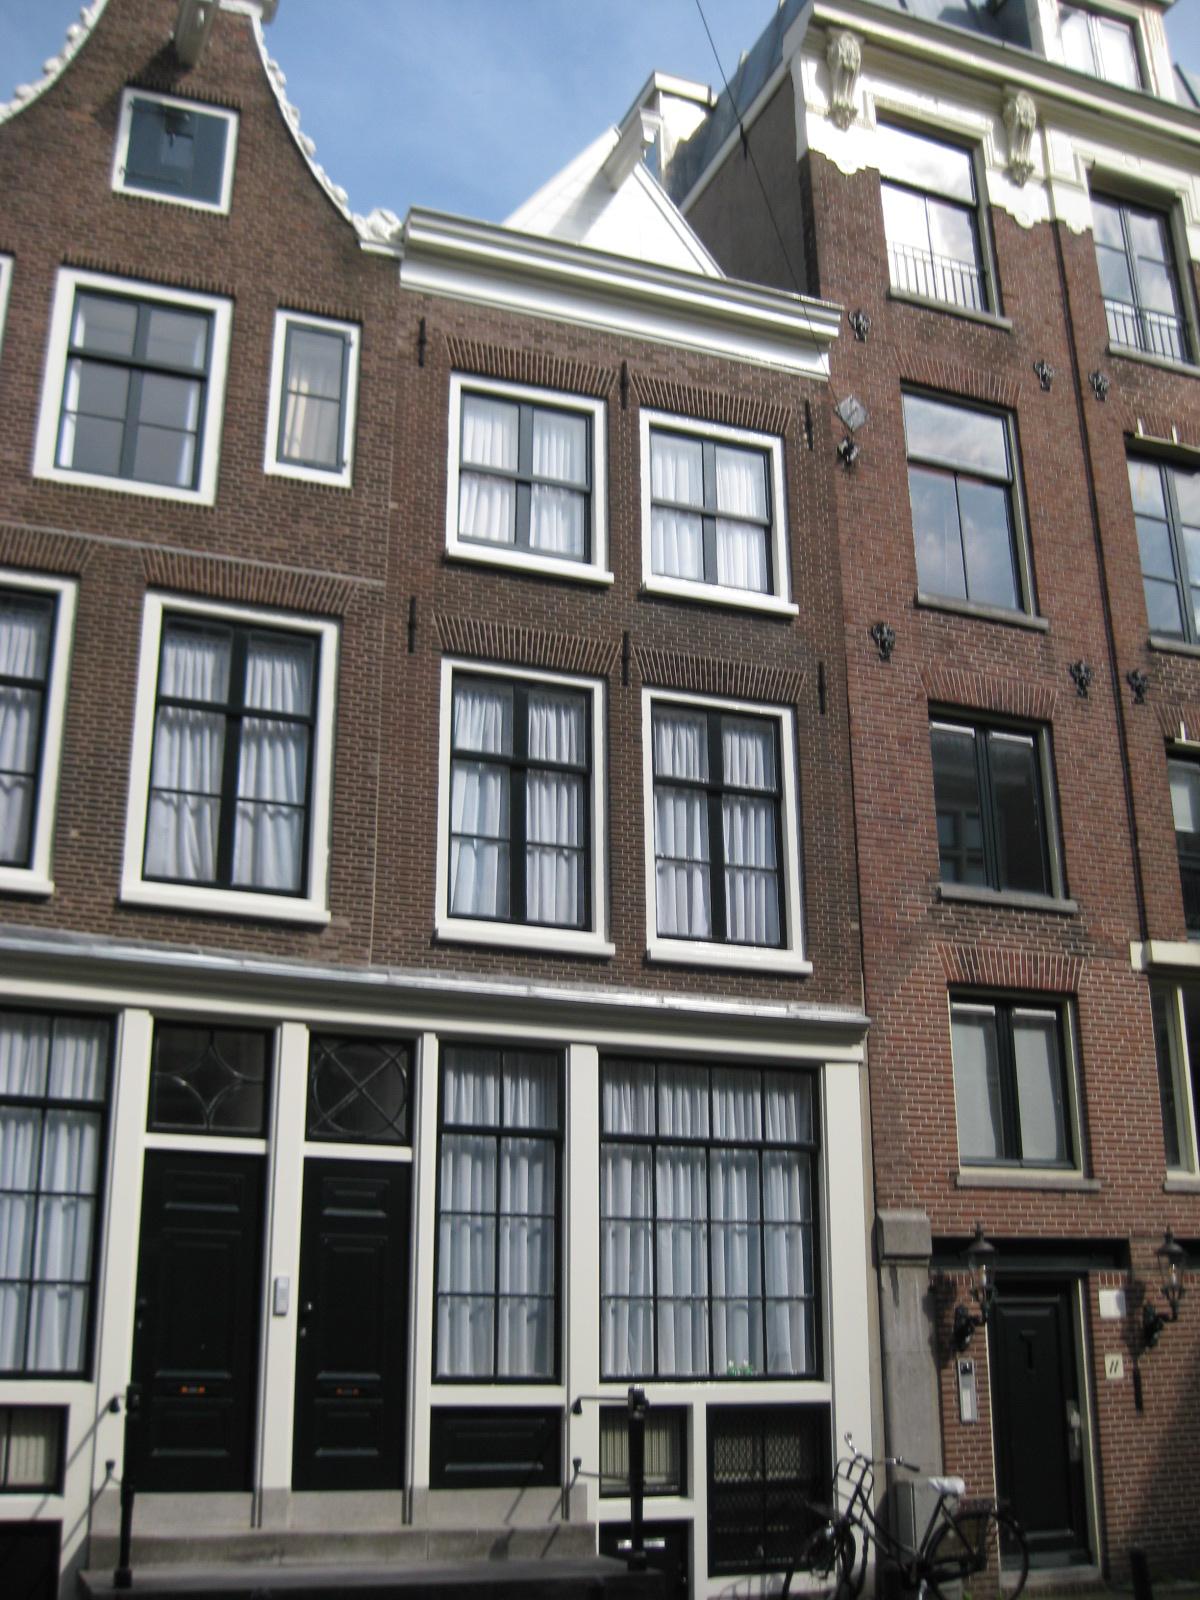 Huis met gevel onder rechte lijst en dakvoorschot in amsterdam monument - Provencaalse huis gevel ...